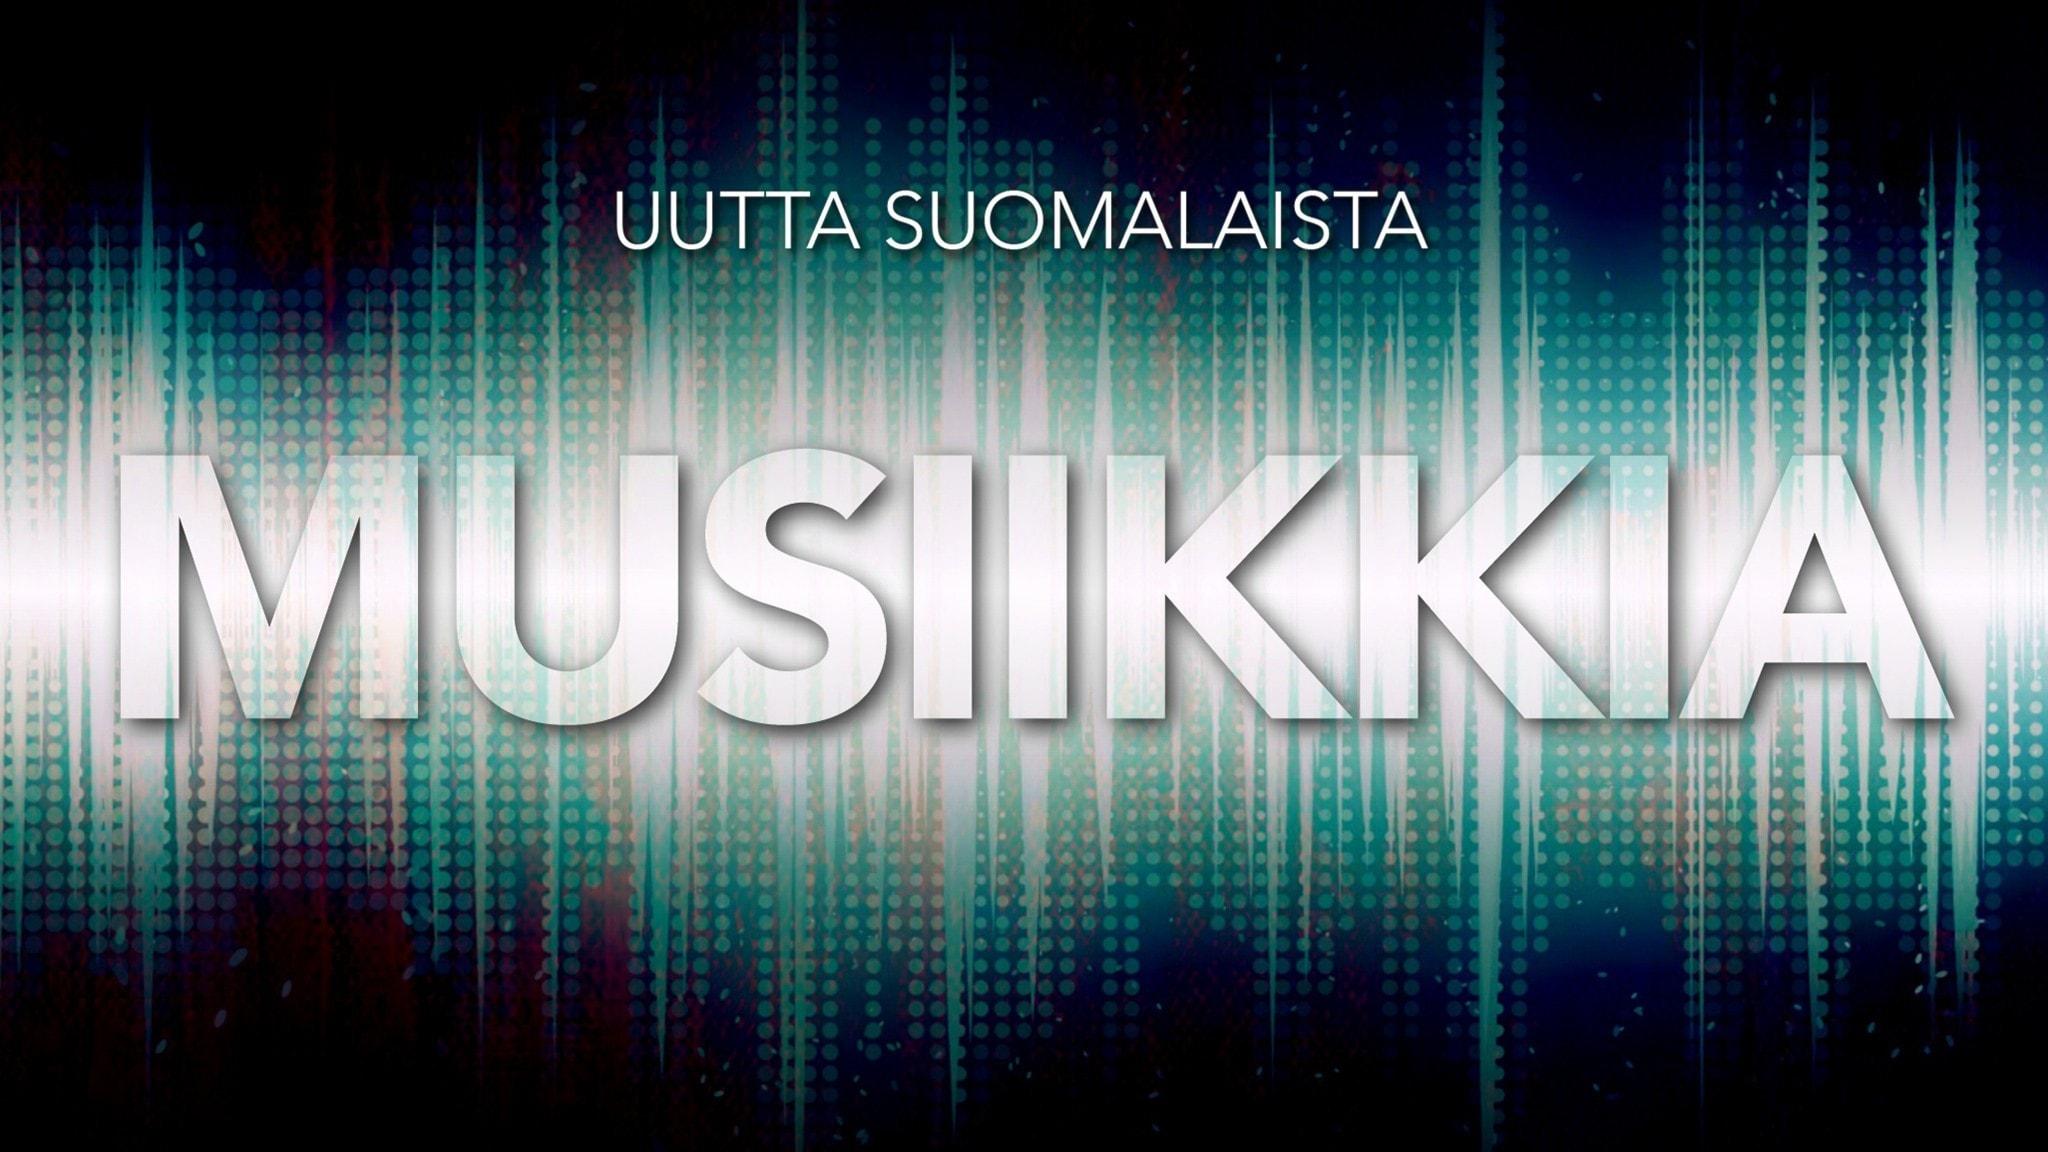 Uutta suomalaista musiikkia – Hittejä, punkkia ja mansegazea